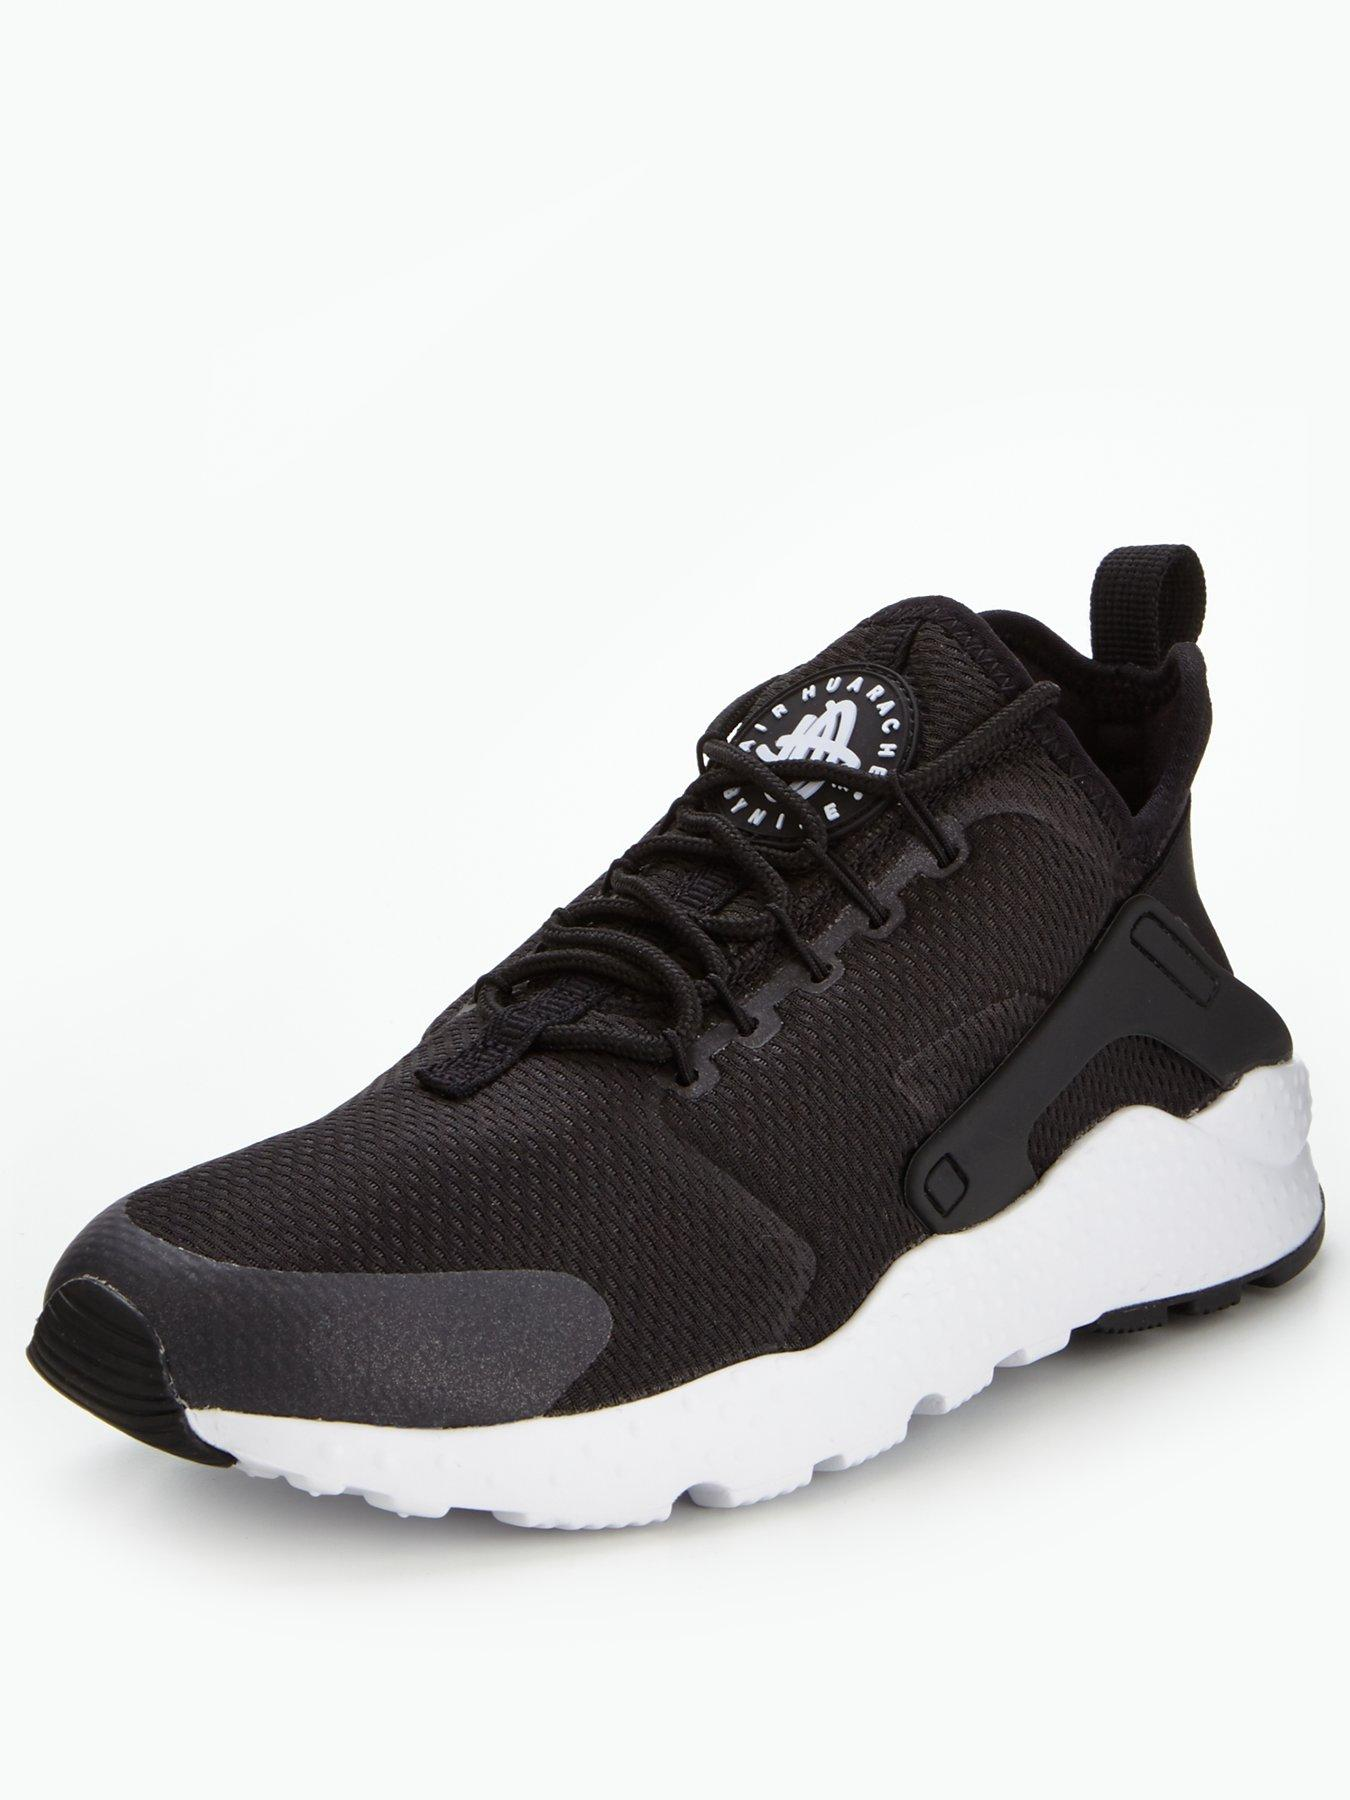 Nike Air Huarache Run Ultra 1600139019 Women's Shoes Nike Trainers